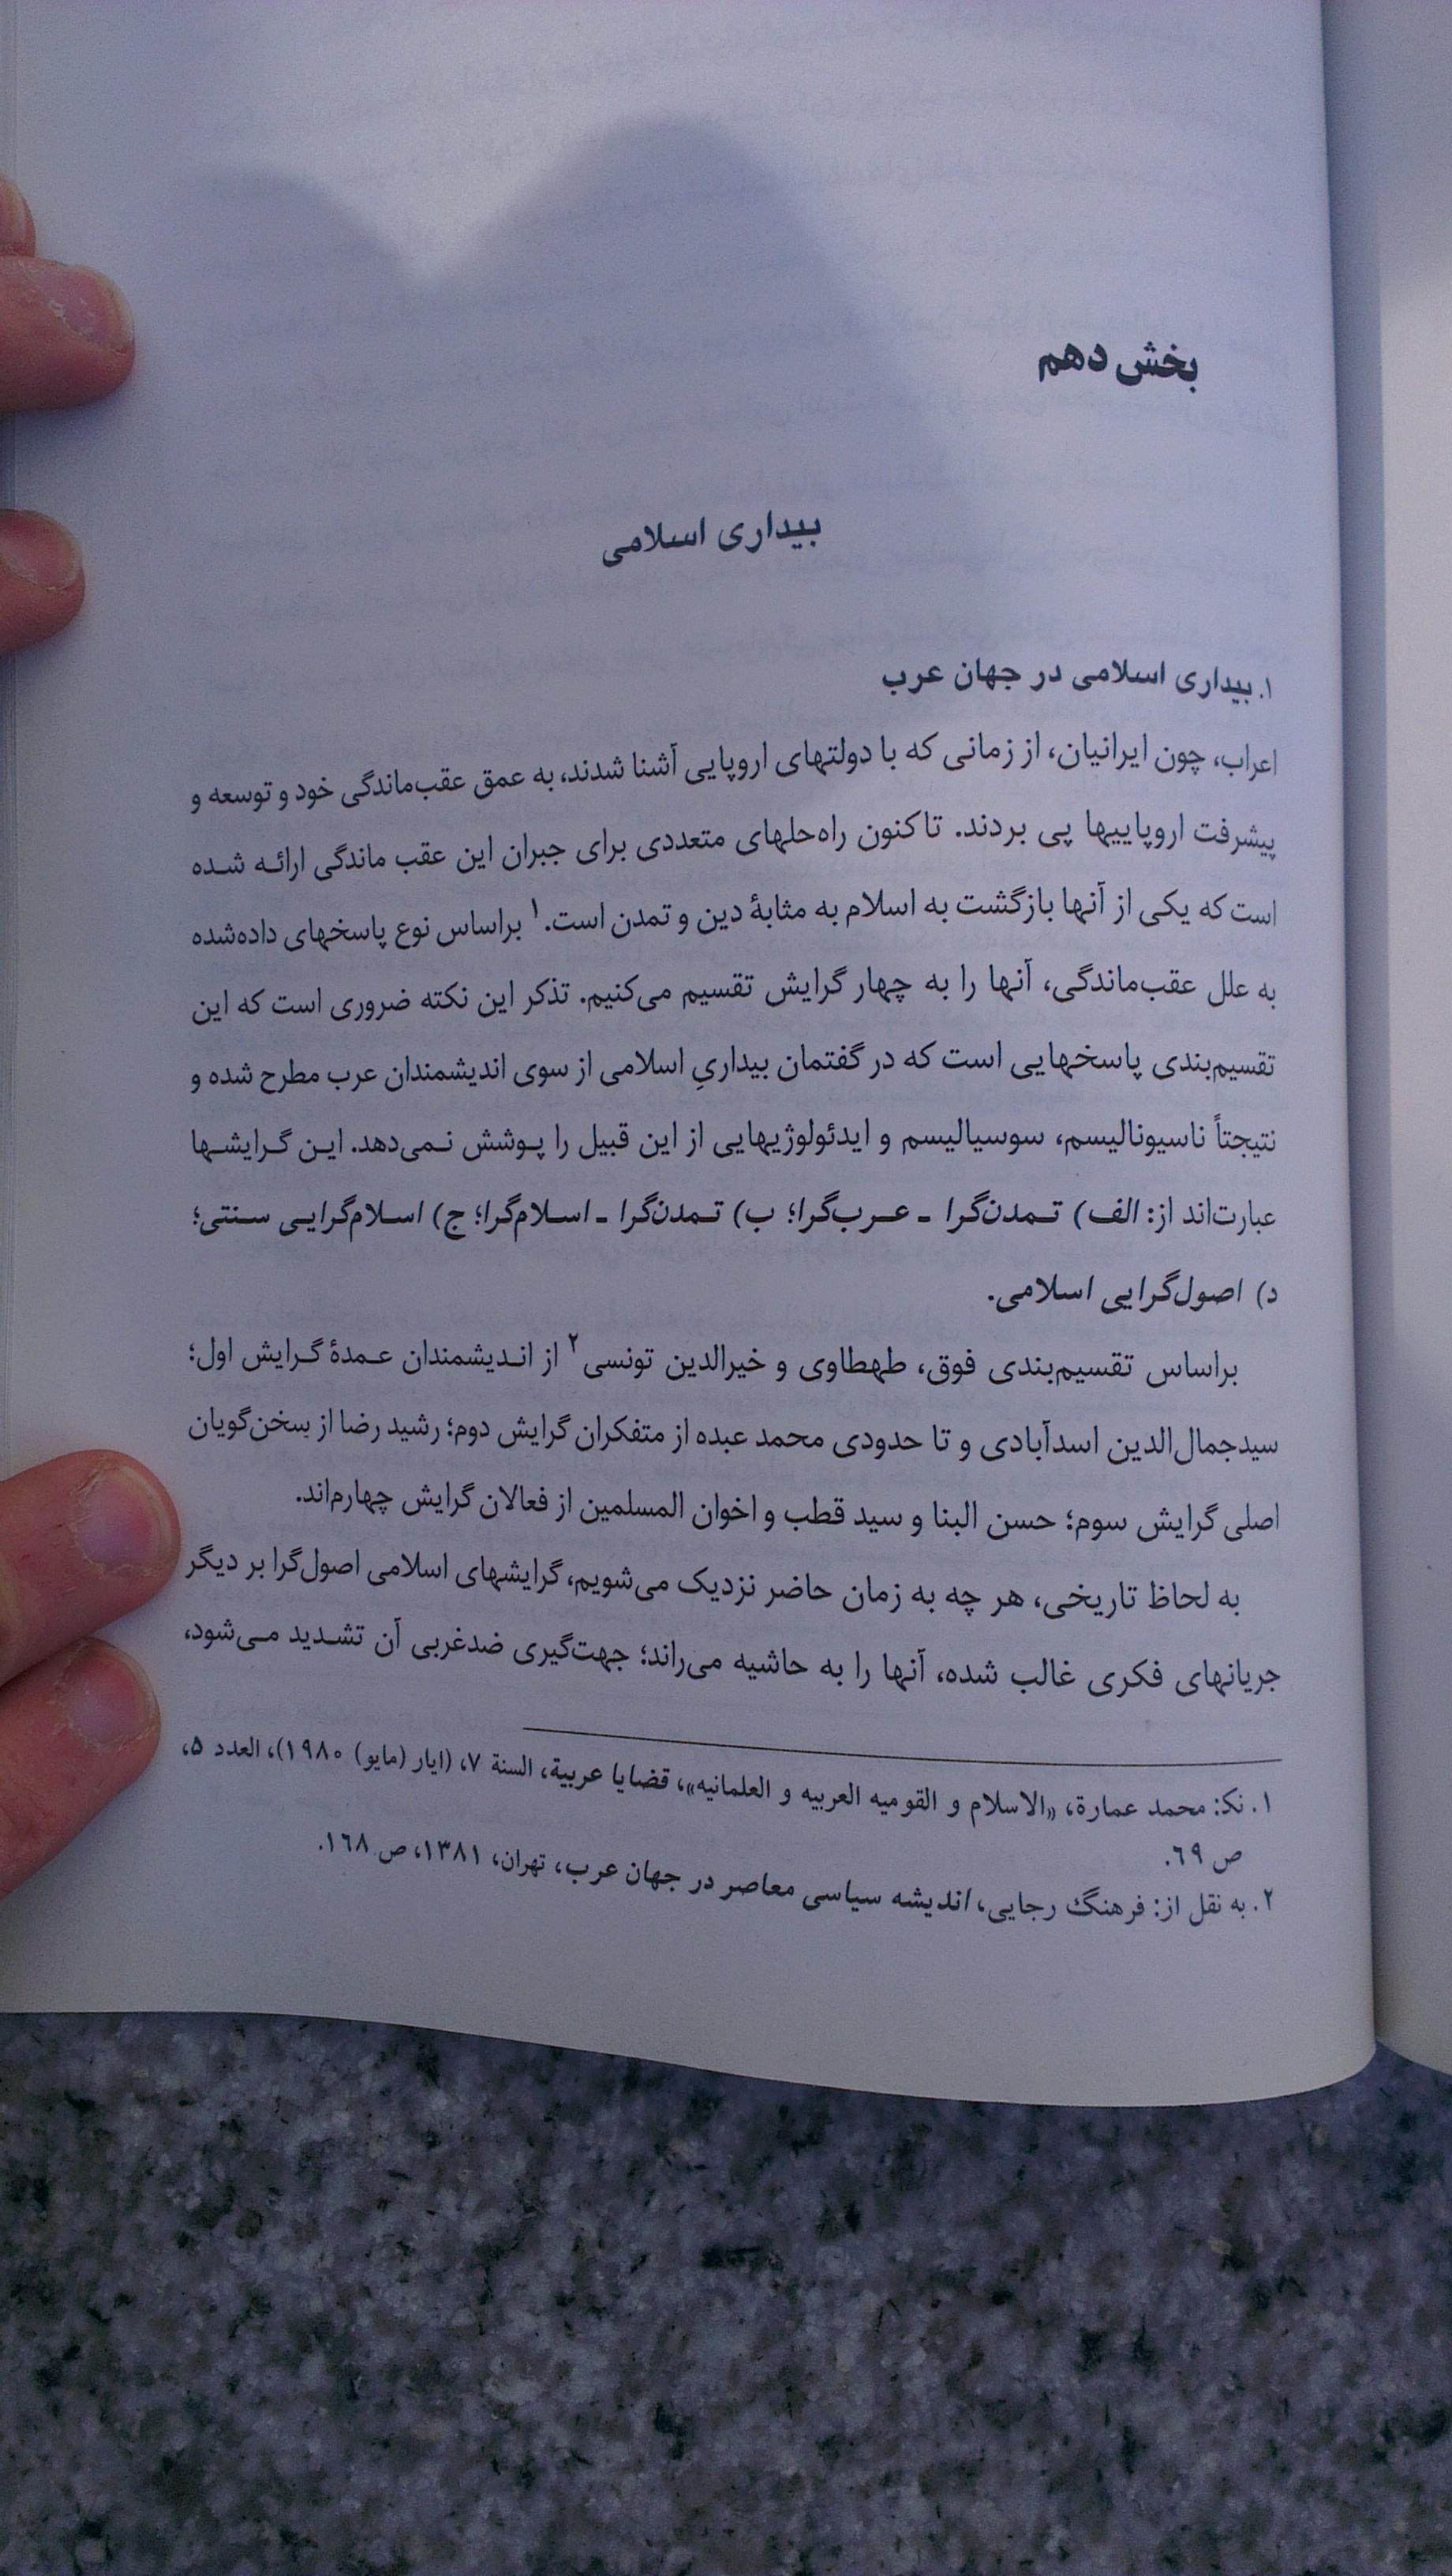 دانلود کتاب فرهنگ و تمدن